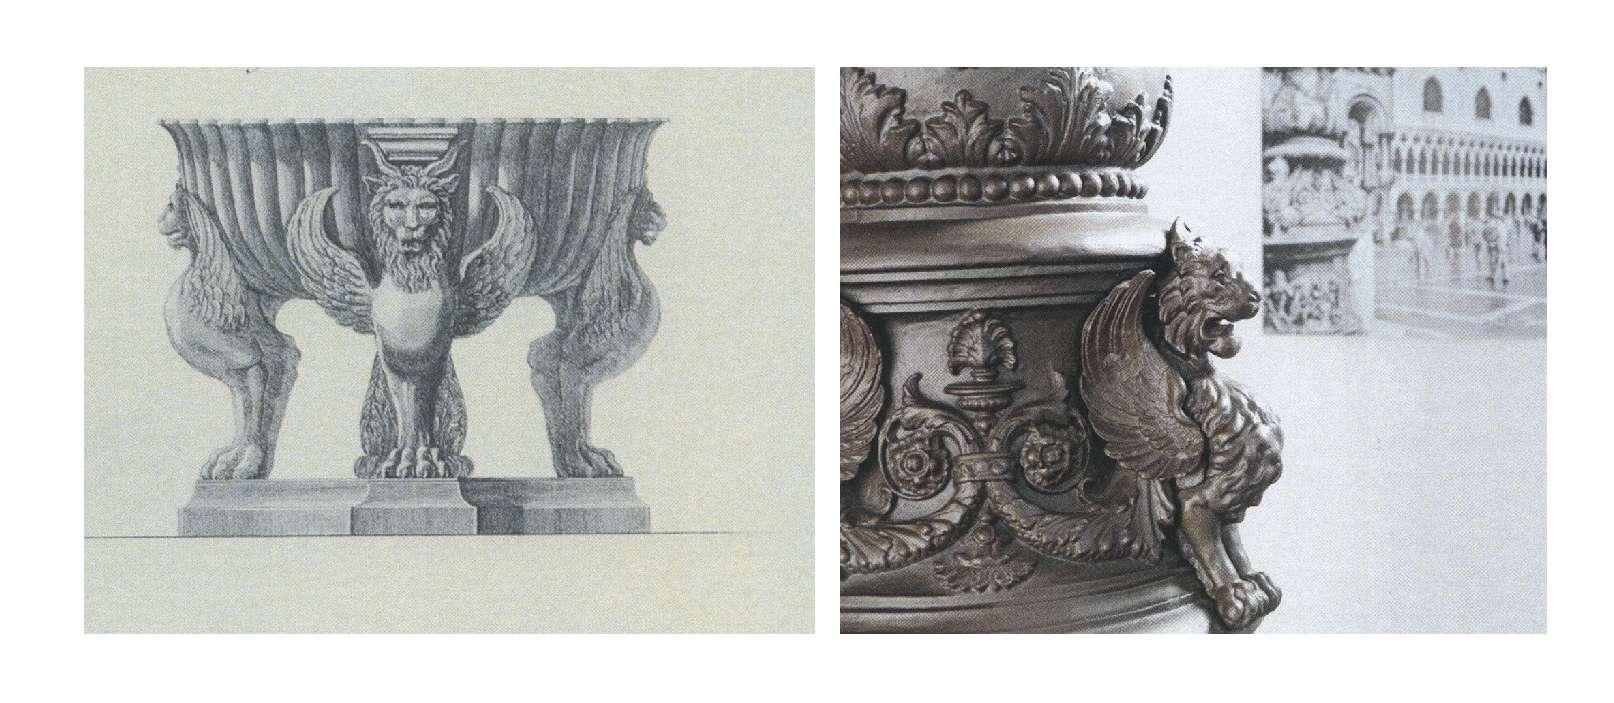 Incisione di Piranesi (sinistra) e particolare del basamento per un lampione esposto al MIG (destra)